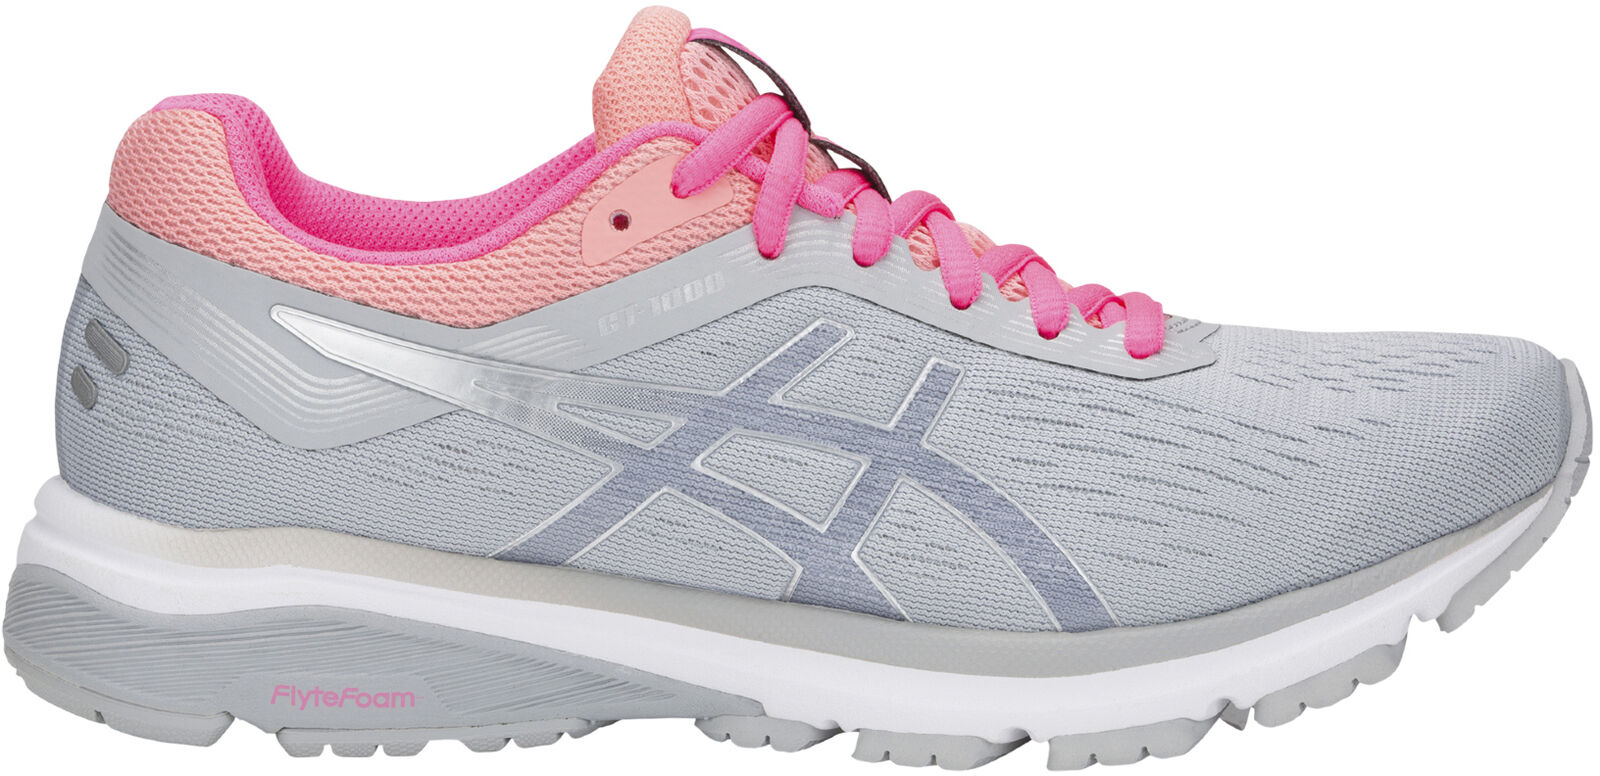 Asics GT 1000 7 Vrouwen hardlopen schoenen Grijze gesuspendeerde Structunetwerk Support Trainers